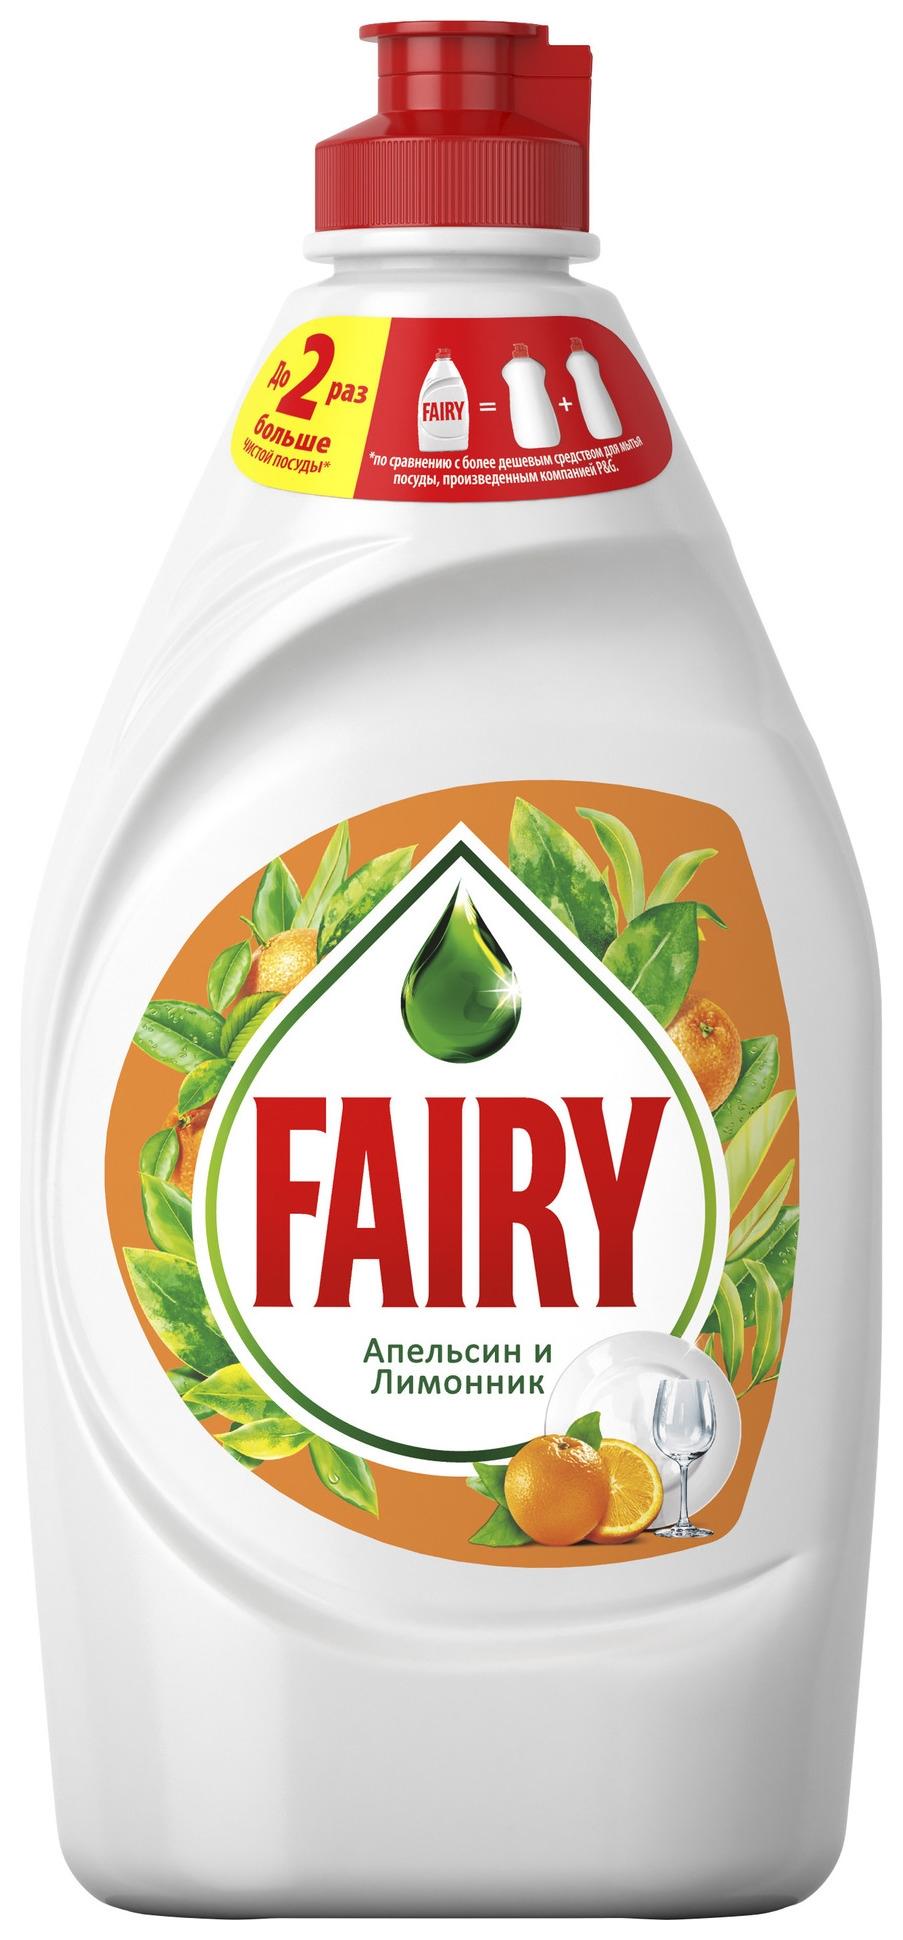 """Средство для мытья посуды """"Fairy. апельсин и лимонник"""", 450 мл  Fairy"""